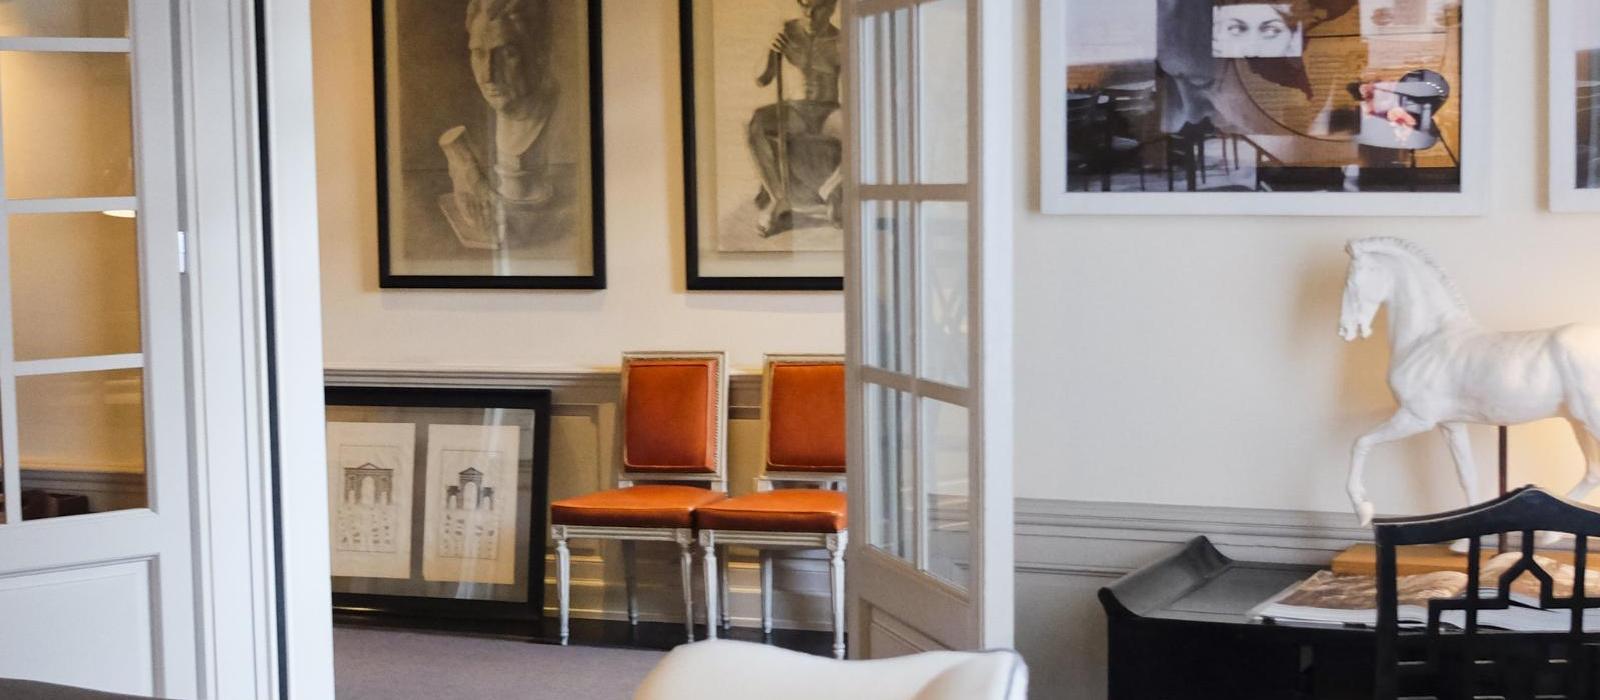 佛罗伦萨锦凯酒店(J.K. Place Firenze) 图片  www.lhw.cn